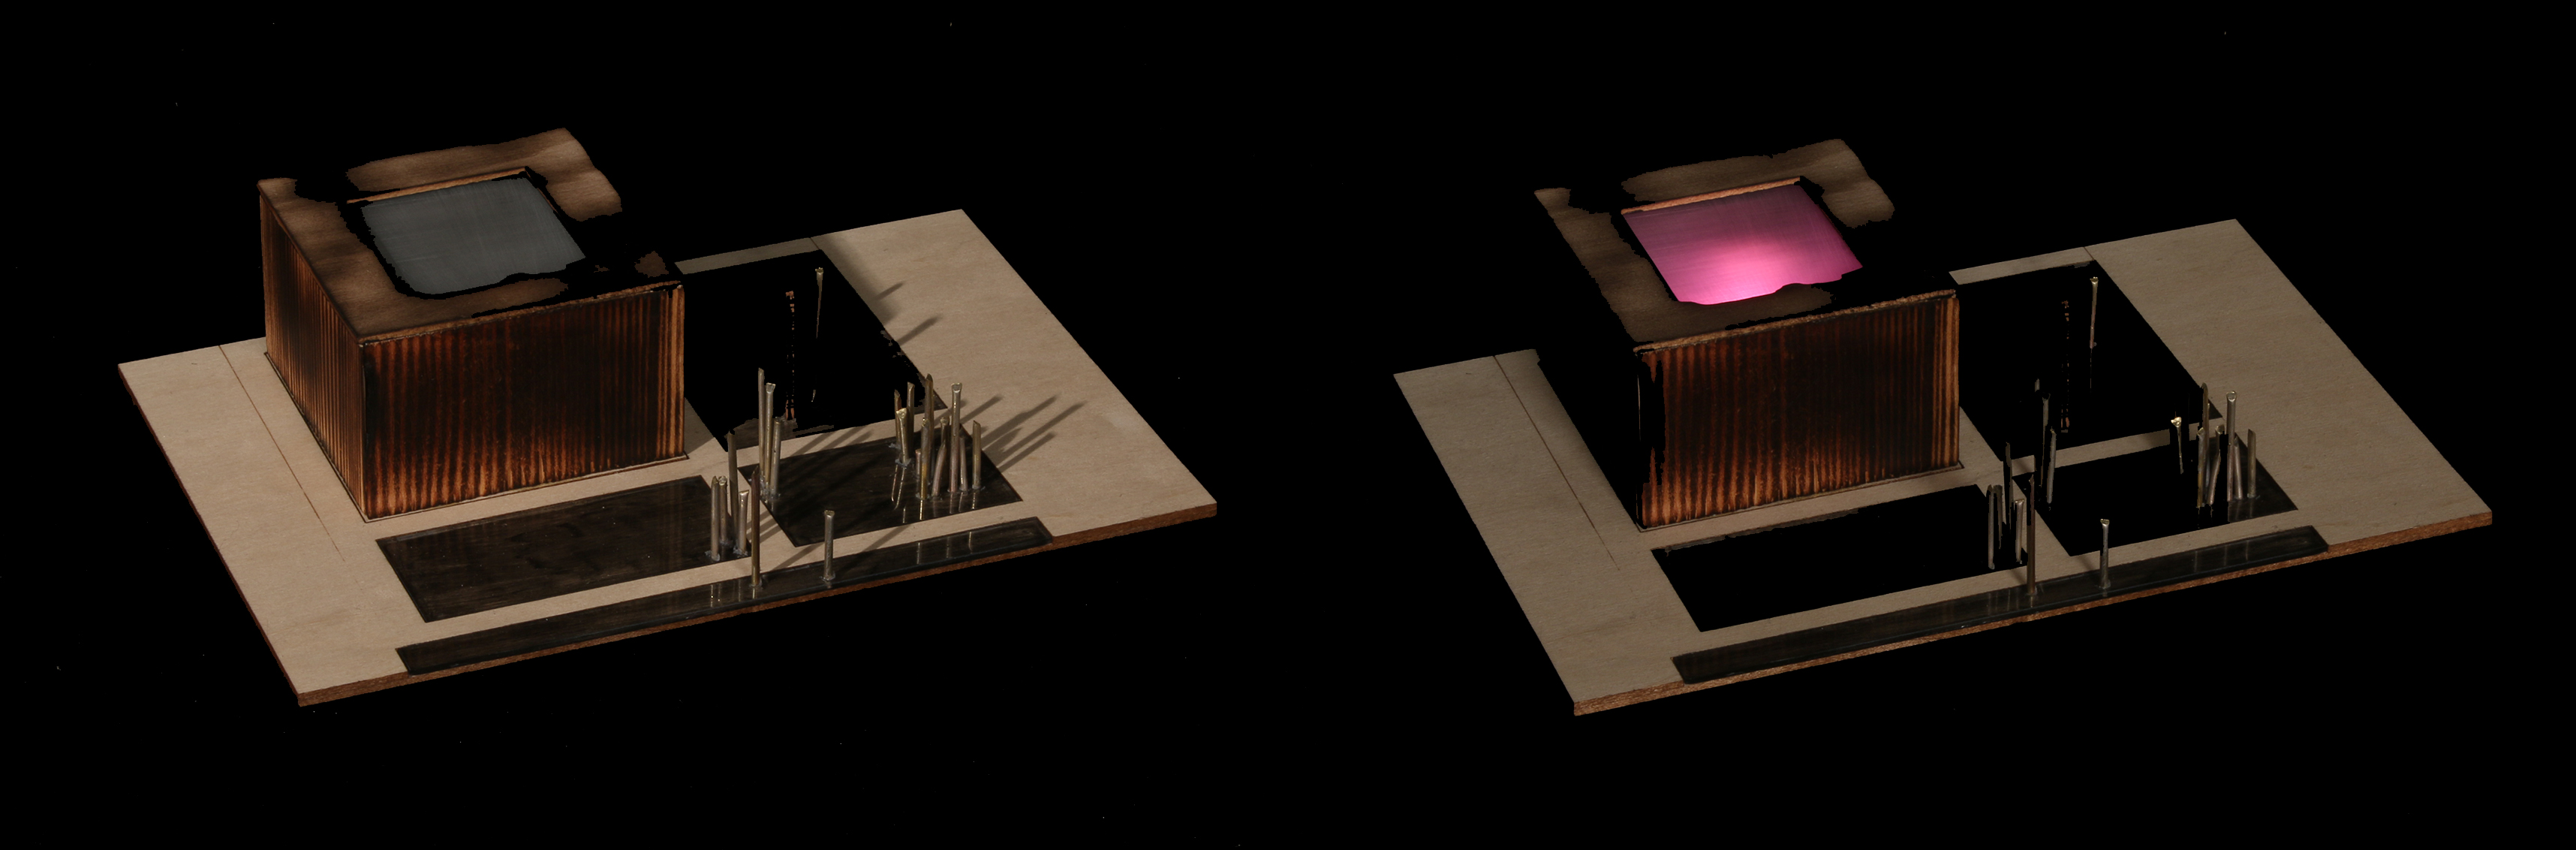 Final Model - View 02